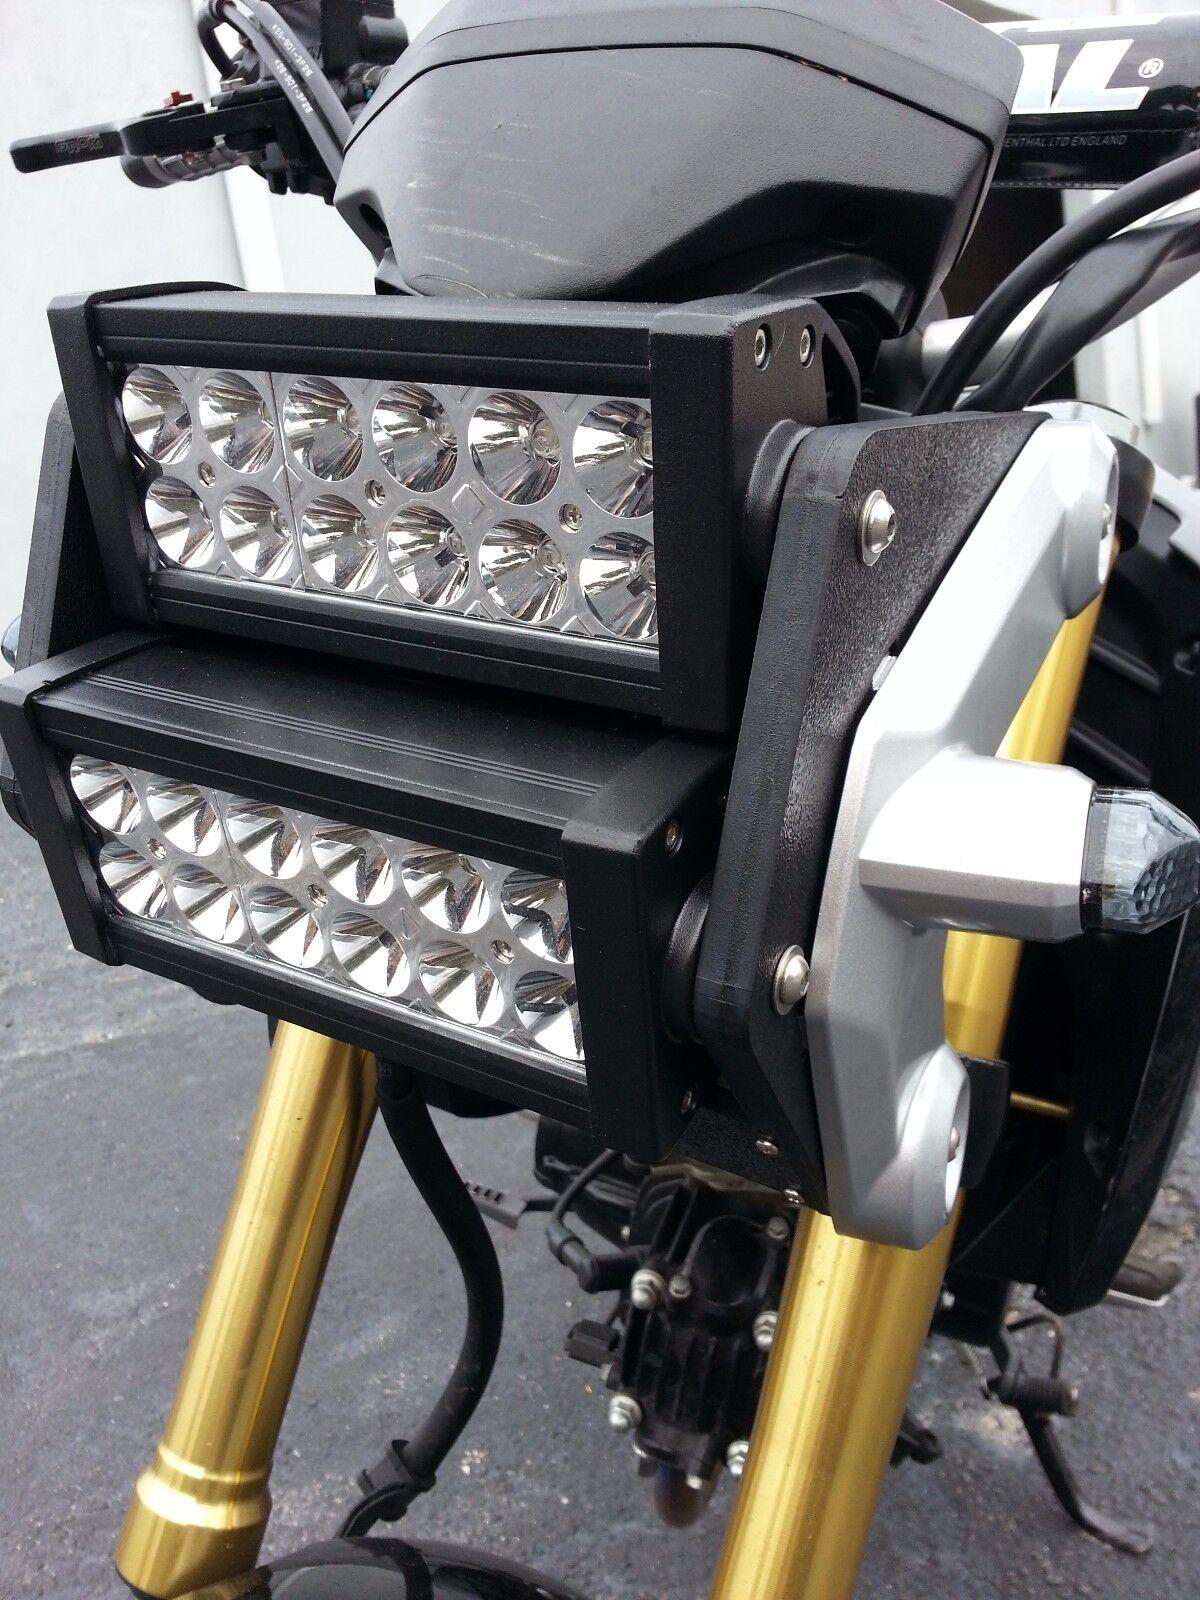 For Honda Grom MSX125 Double LED Light Bar Headlight ...